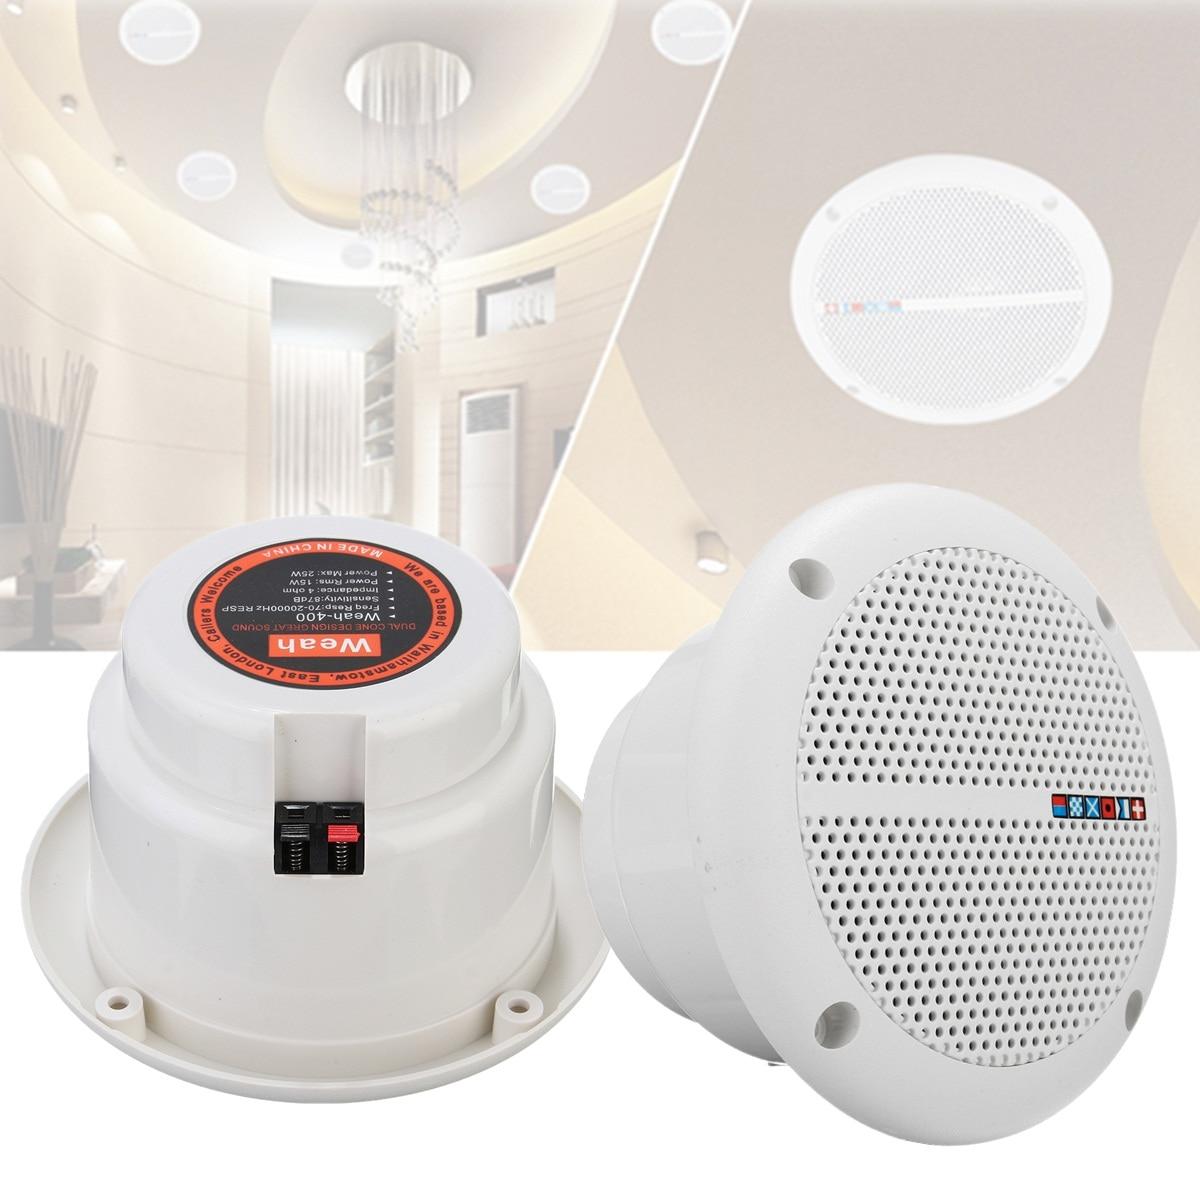 2X Waterproof 25W Full Range Ceiling Wall Speakers Loundspeaker Home Theater Bathroom Marine Boat Water Resistant Speaker